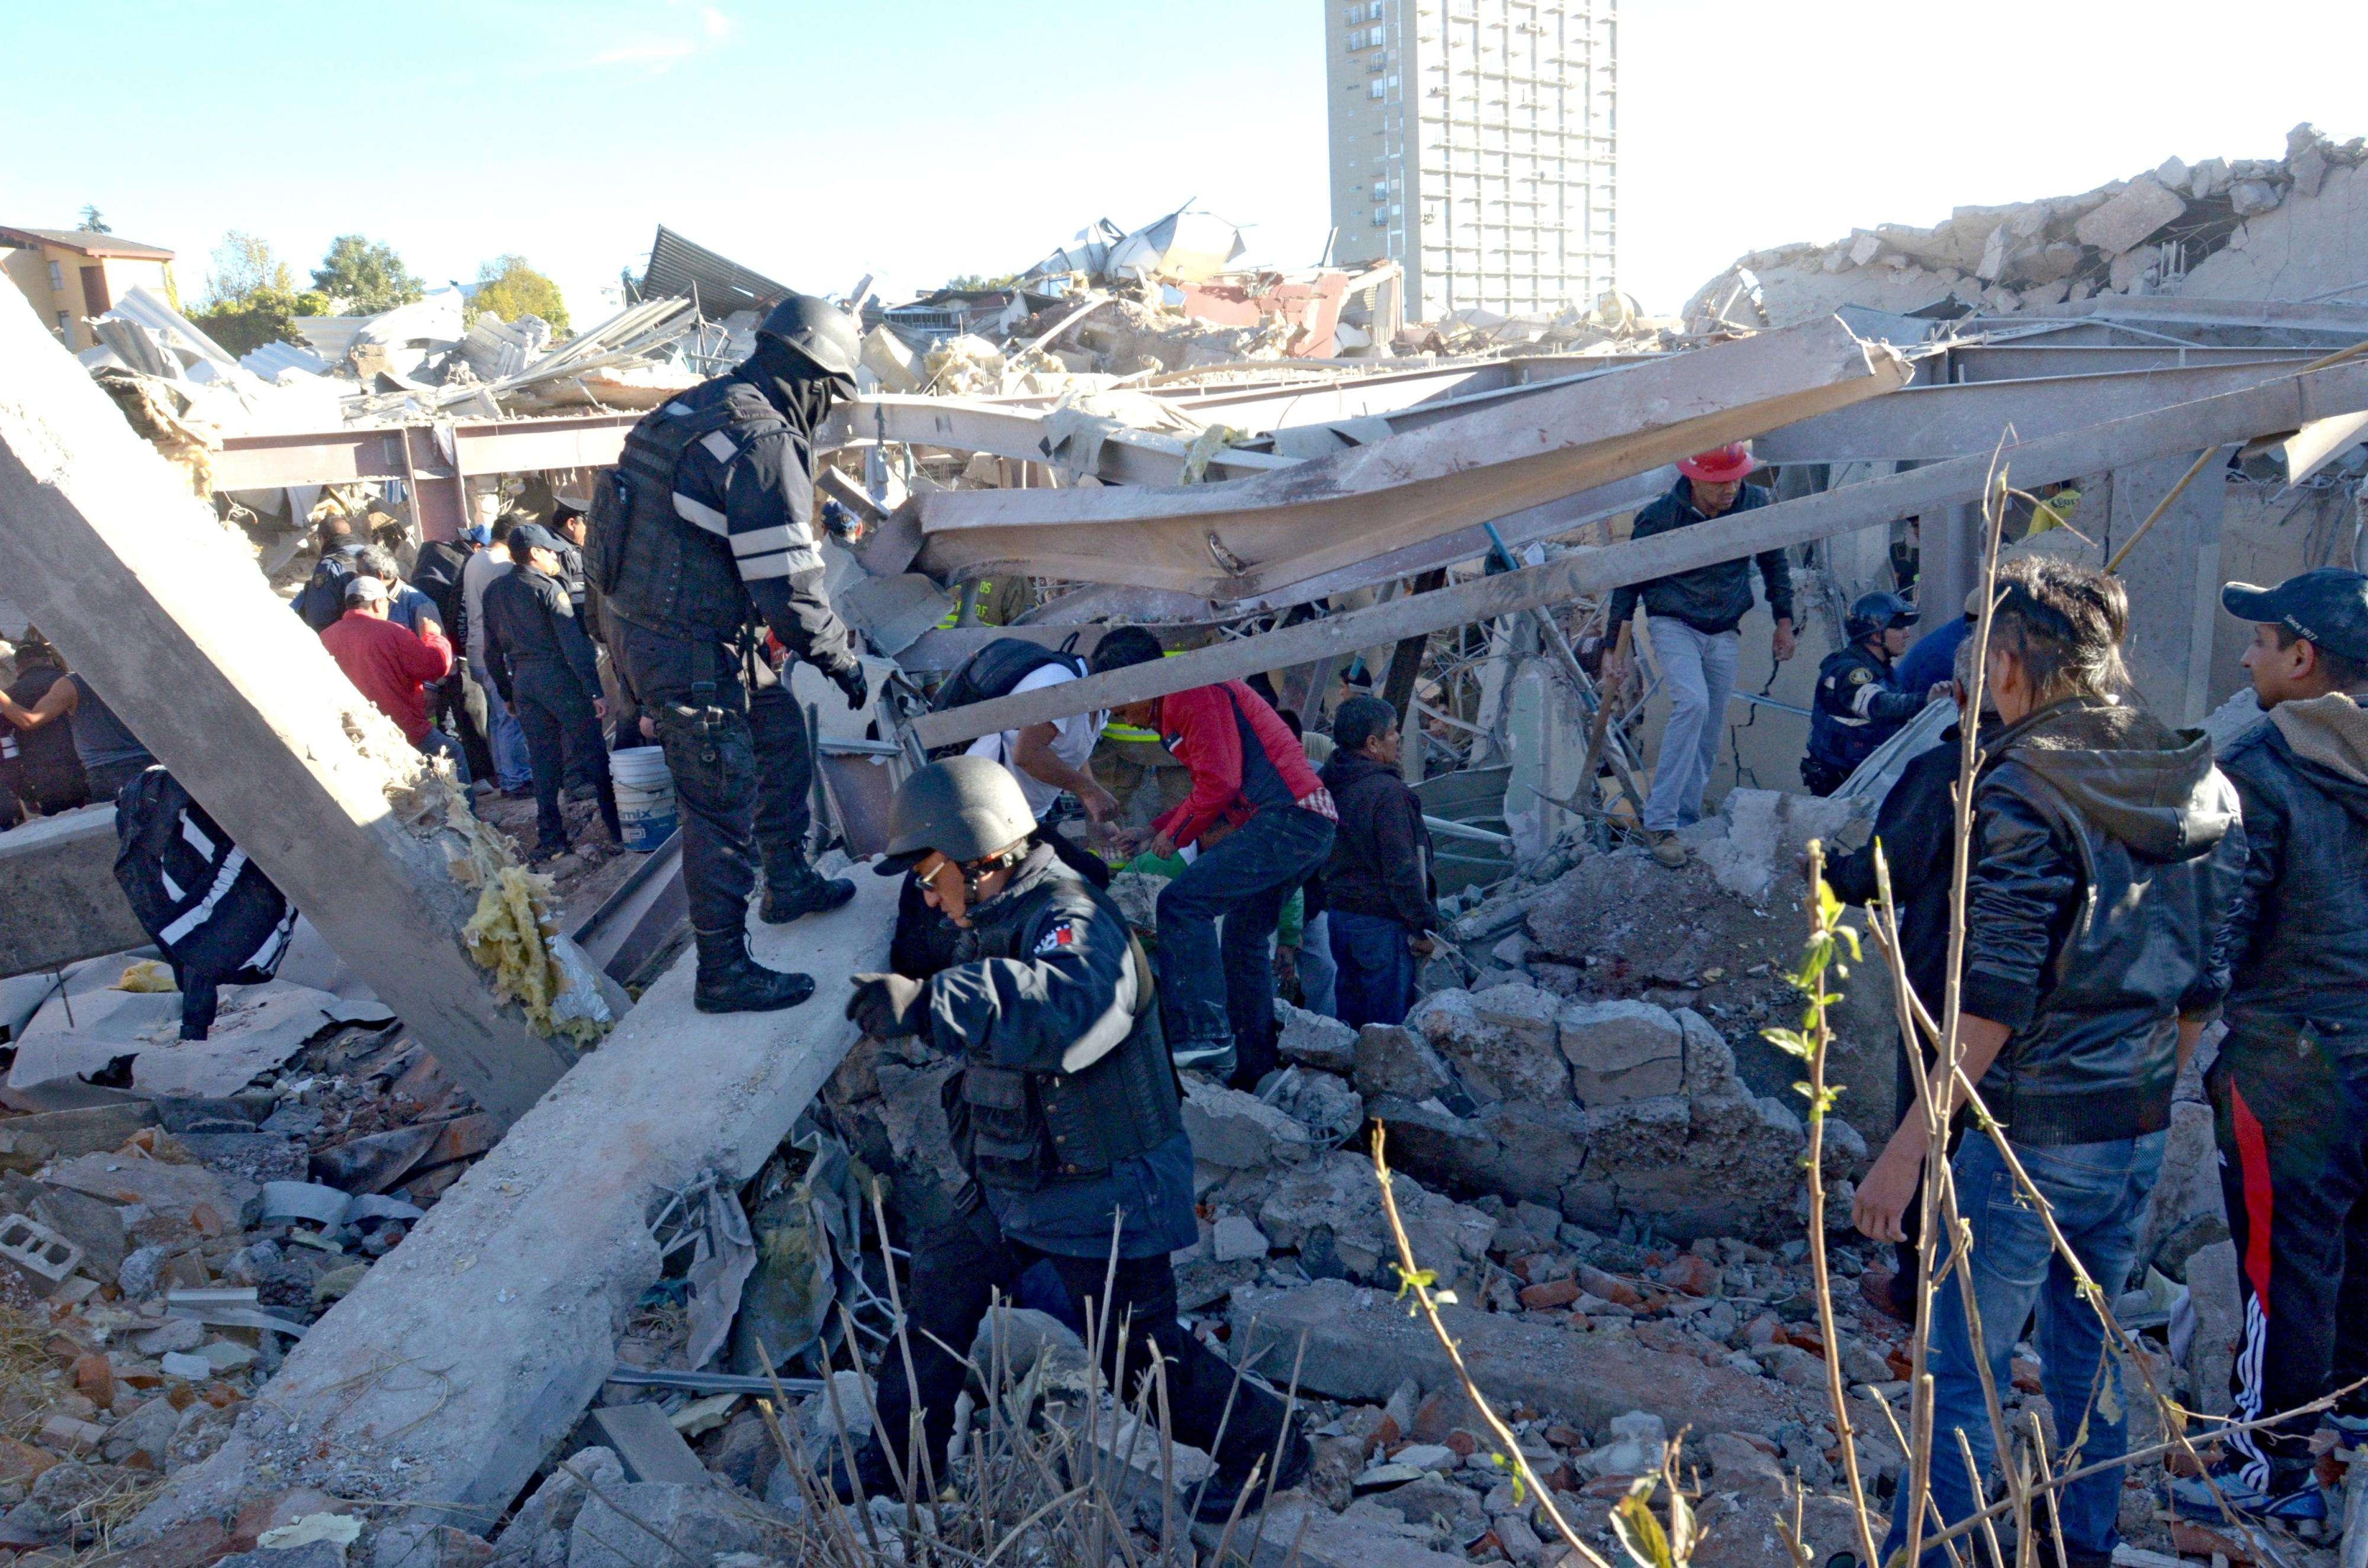 Una fuerte explosión de gas ocurrida hoy en un hospital materno infantil en Ciudad de México dejó al menos siete muertos, tres de ellos bebés, y 50 heridos, informaron hoy las autoridades, que no descartan que aún haya personas bajo los escombros. Foto: AFP en español